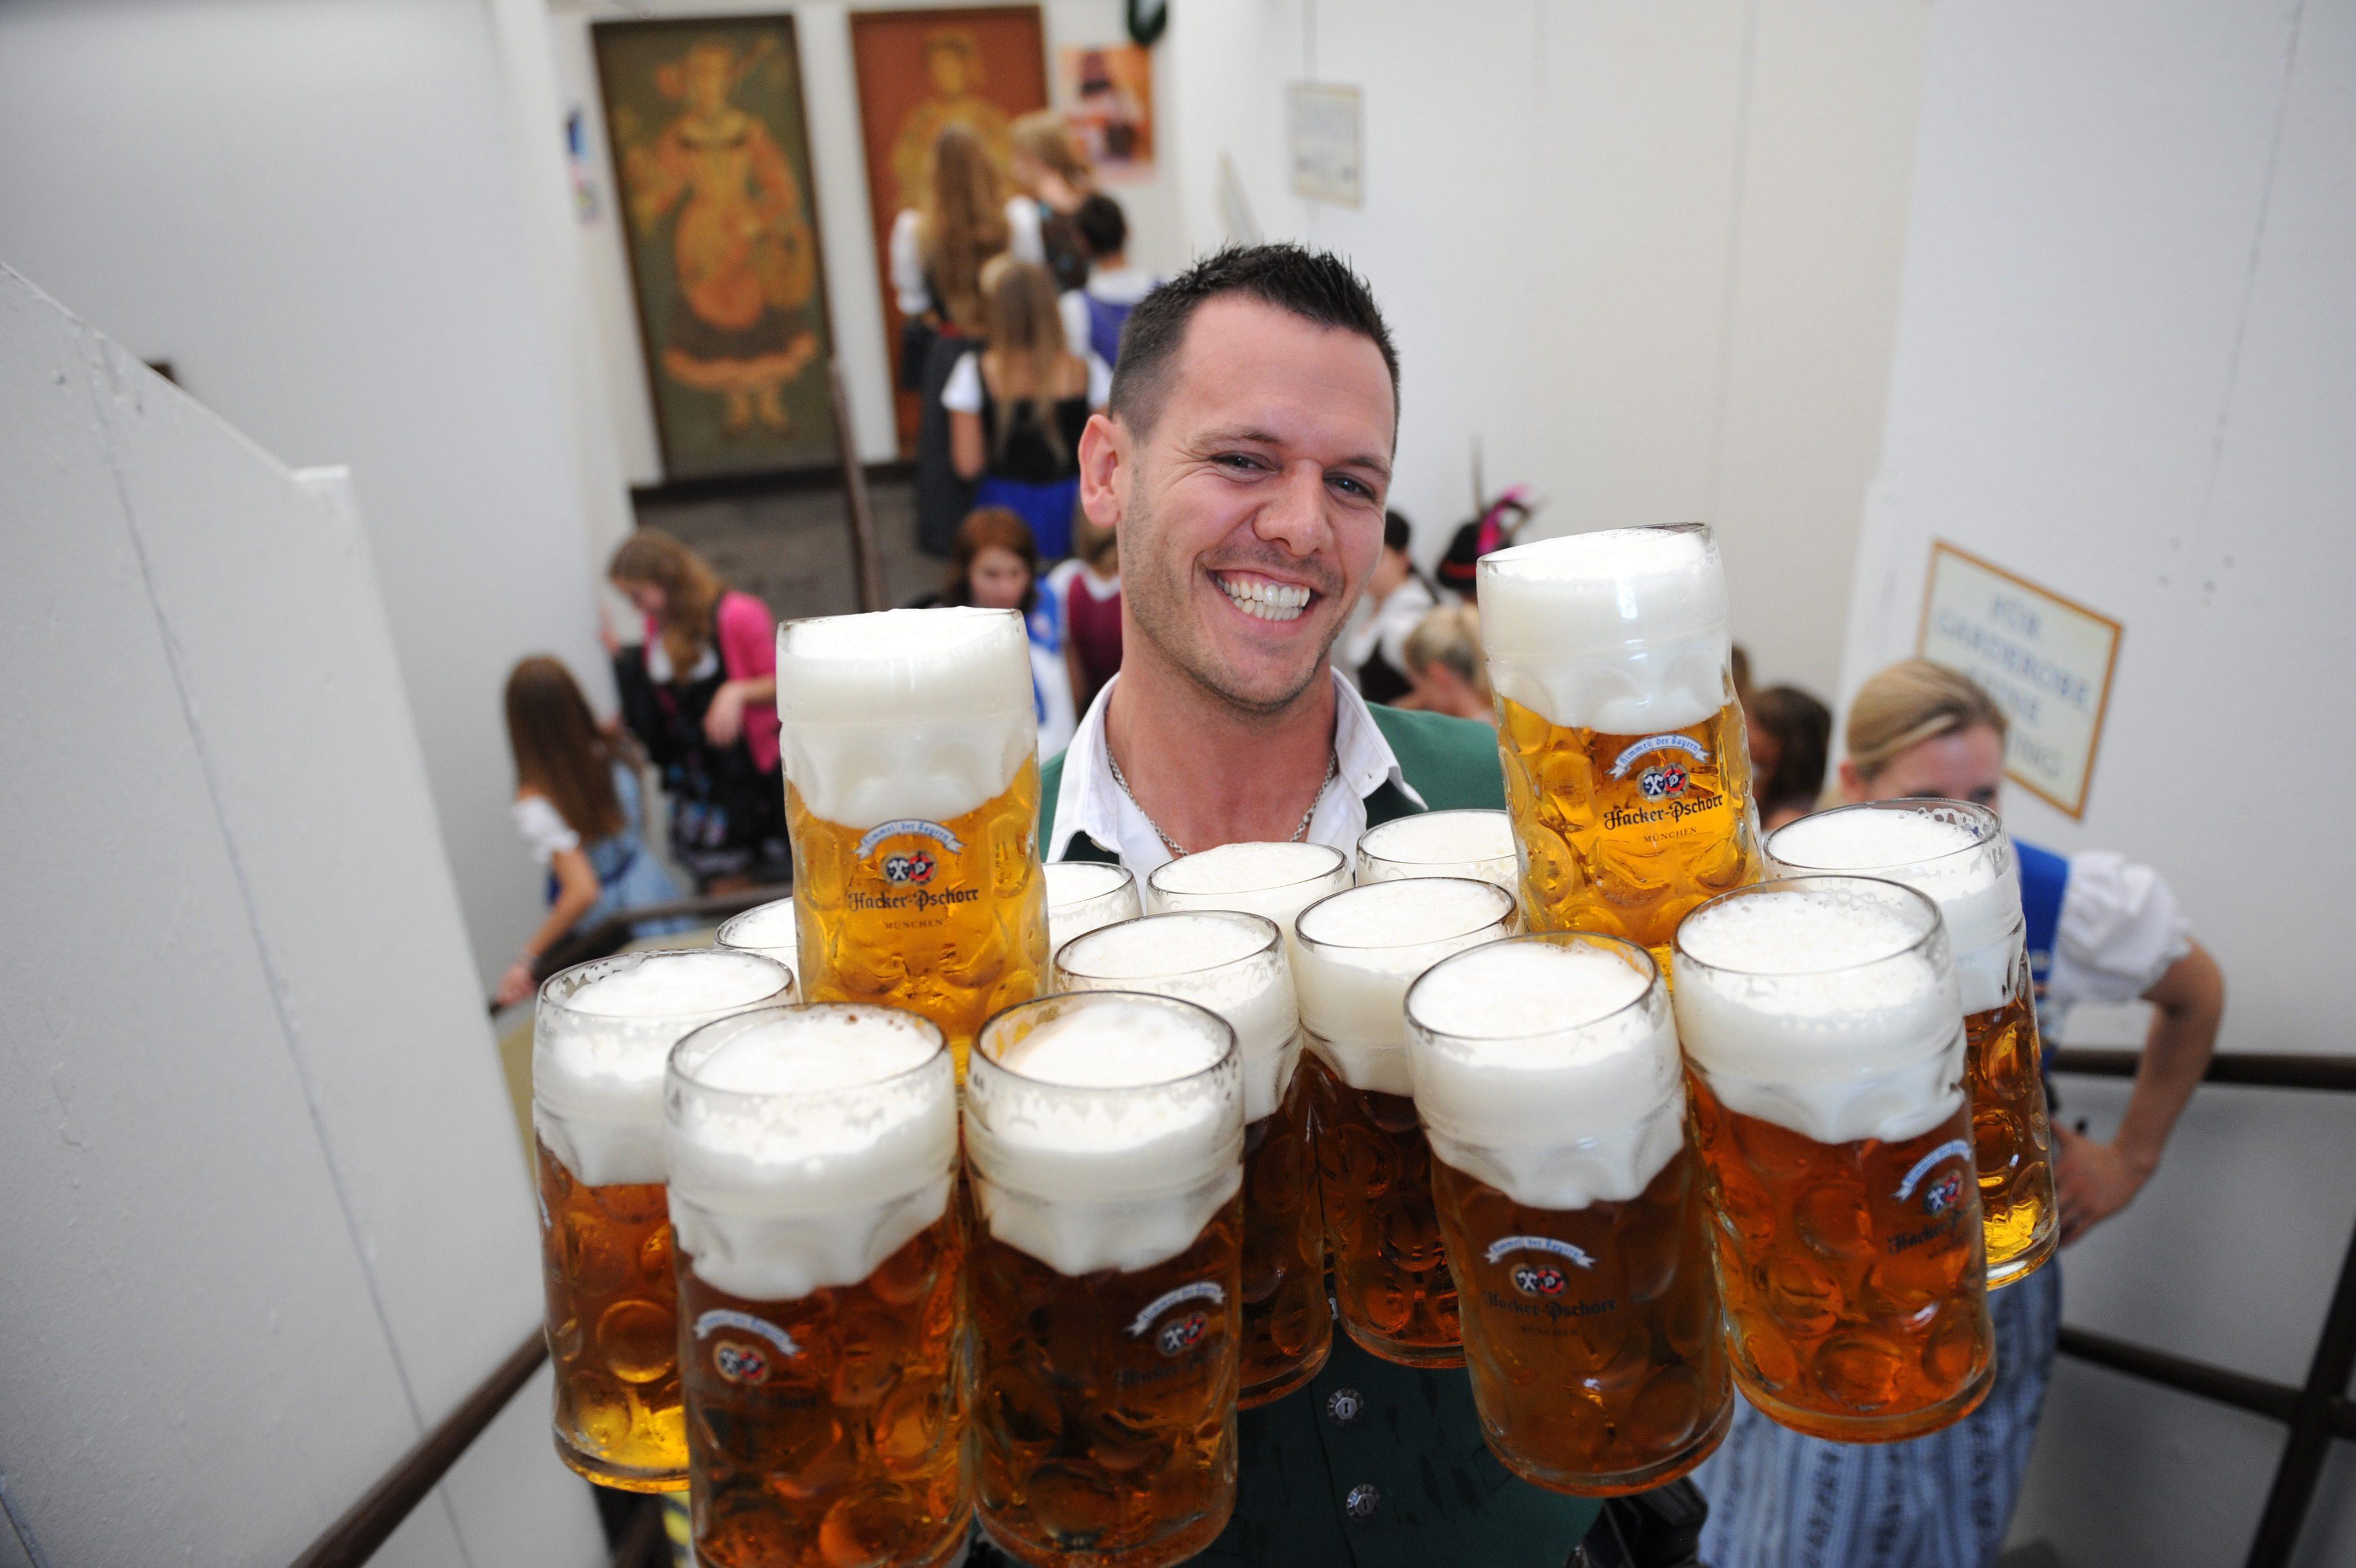 подарок смешные картинки и фото с пивом объявления